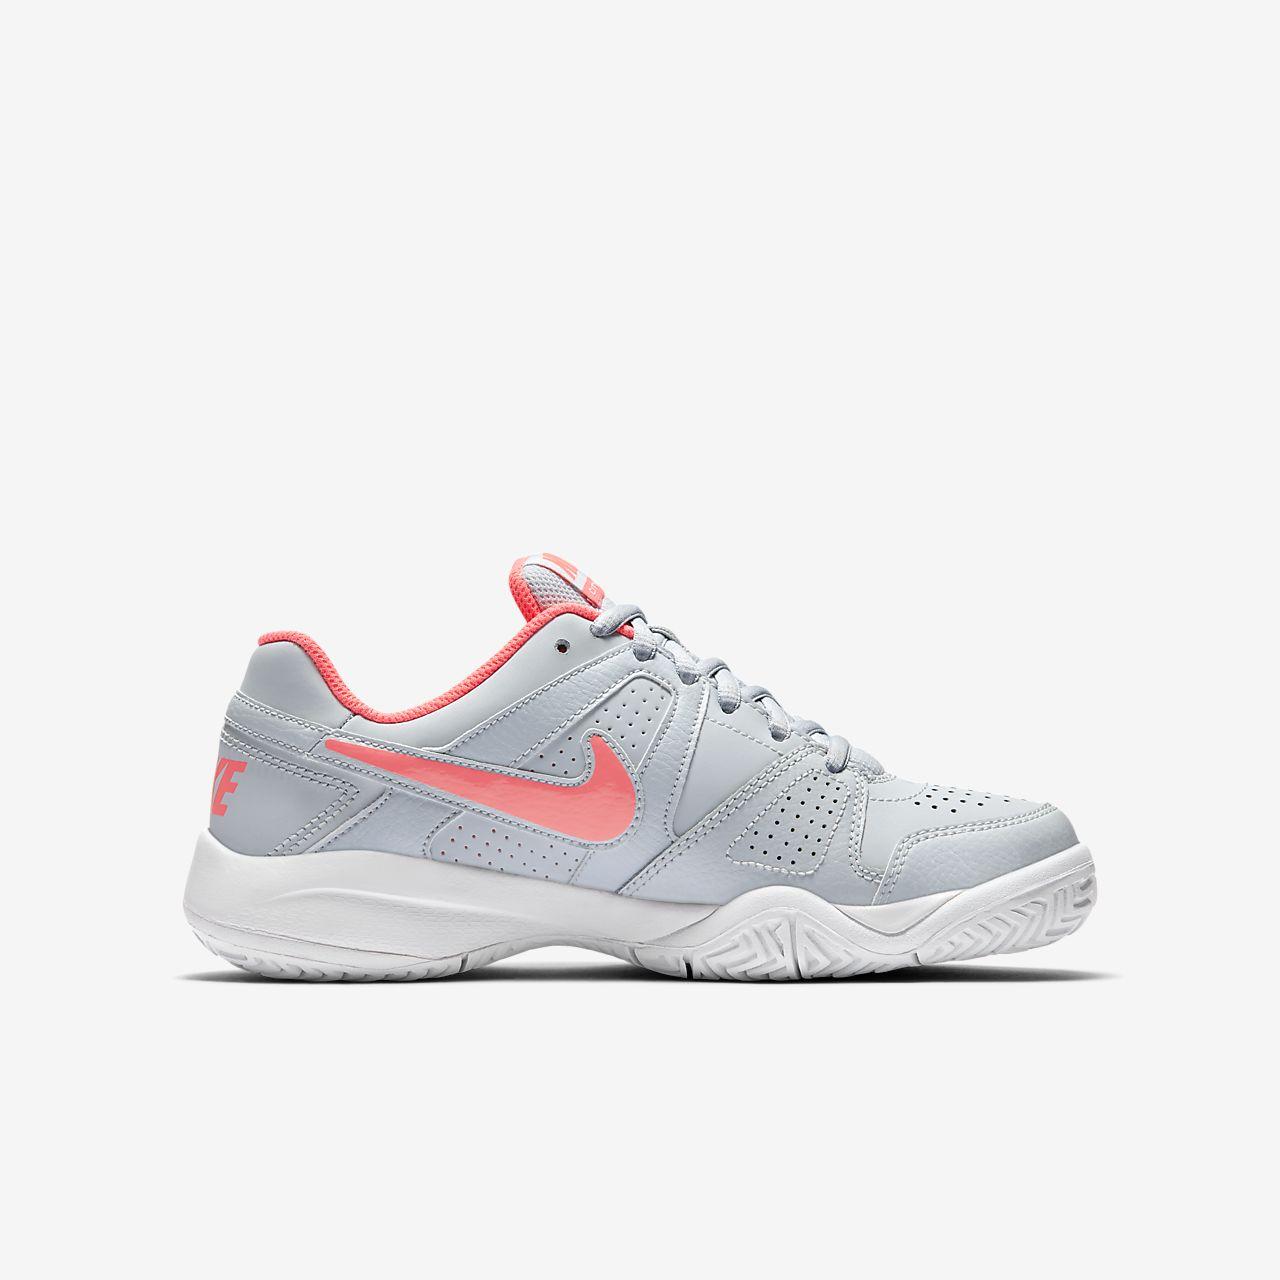 b658b7f94a9 Chaussure de tennis NikeCourt City Court 7 pour Enfant plus âgé ...